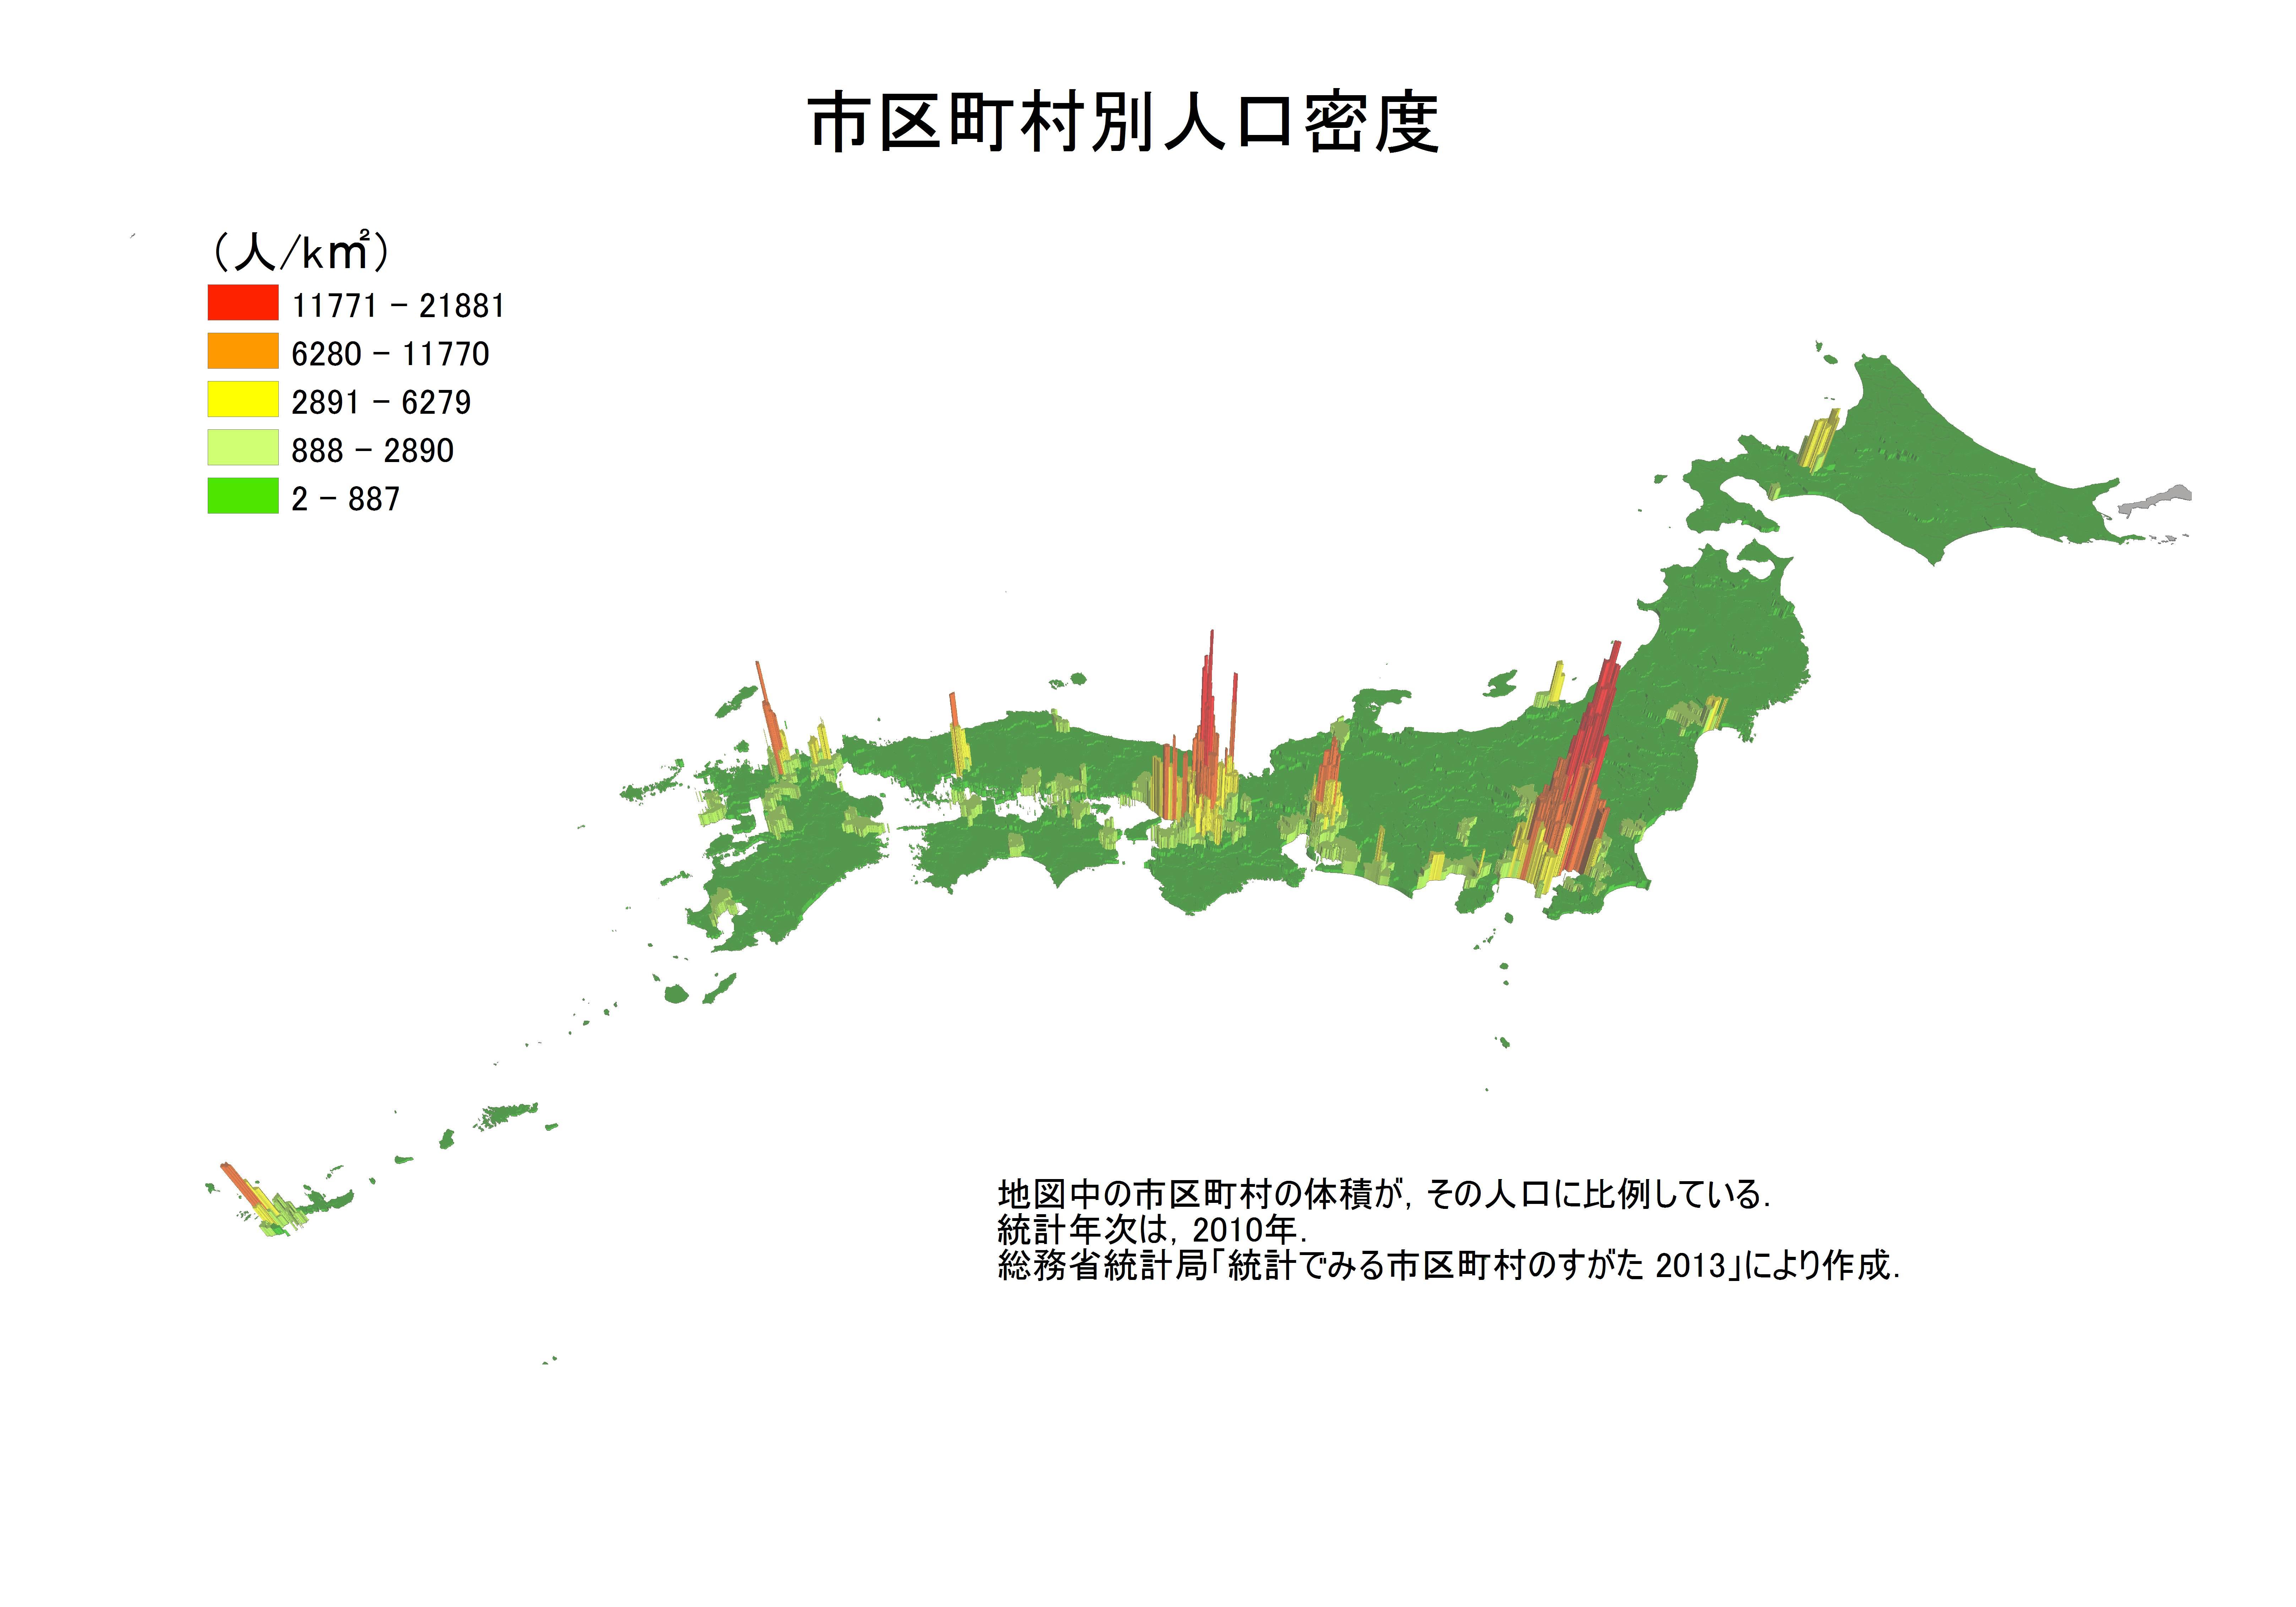 市町村別統計による地図教材